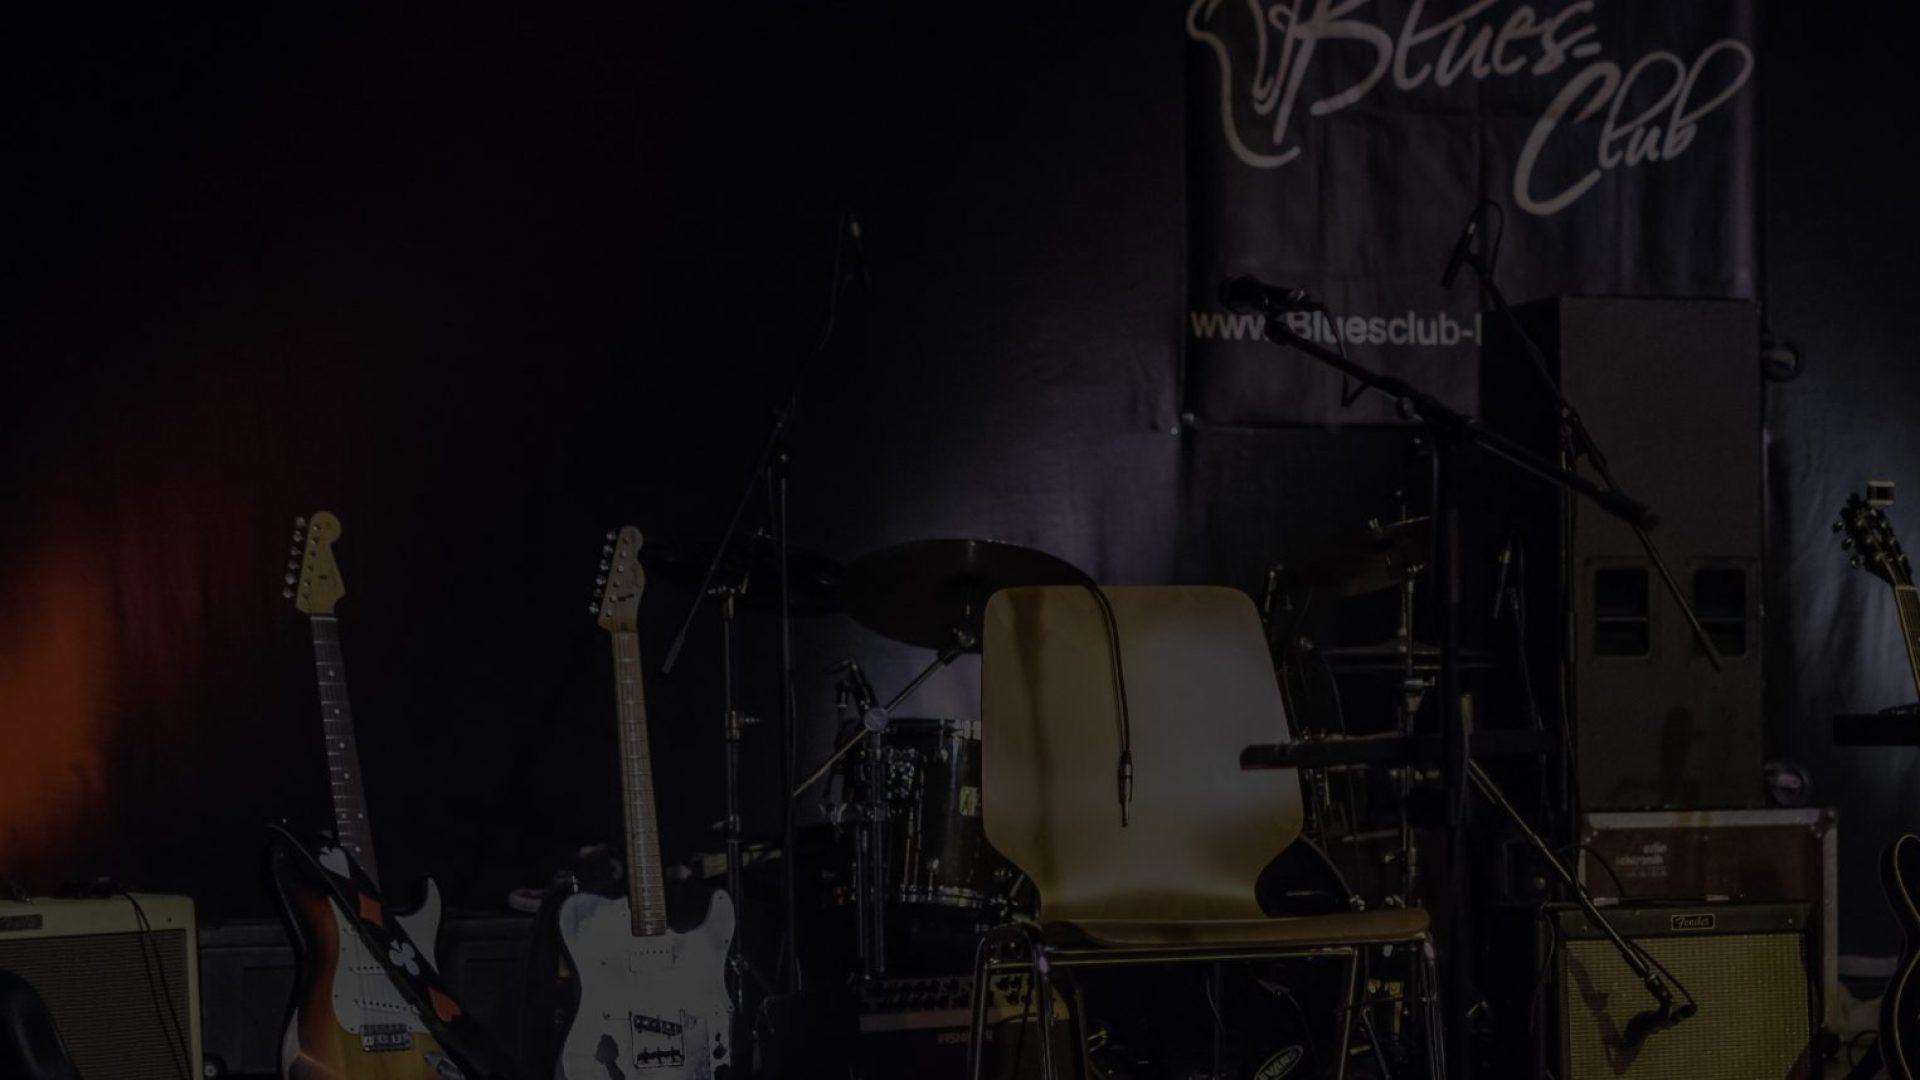 Blues-Club Baden-Baden e.V.